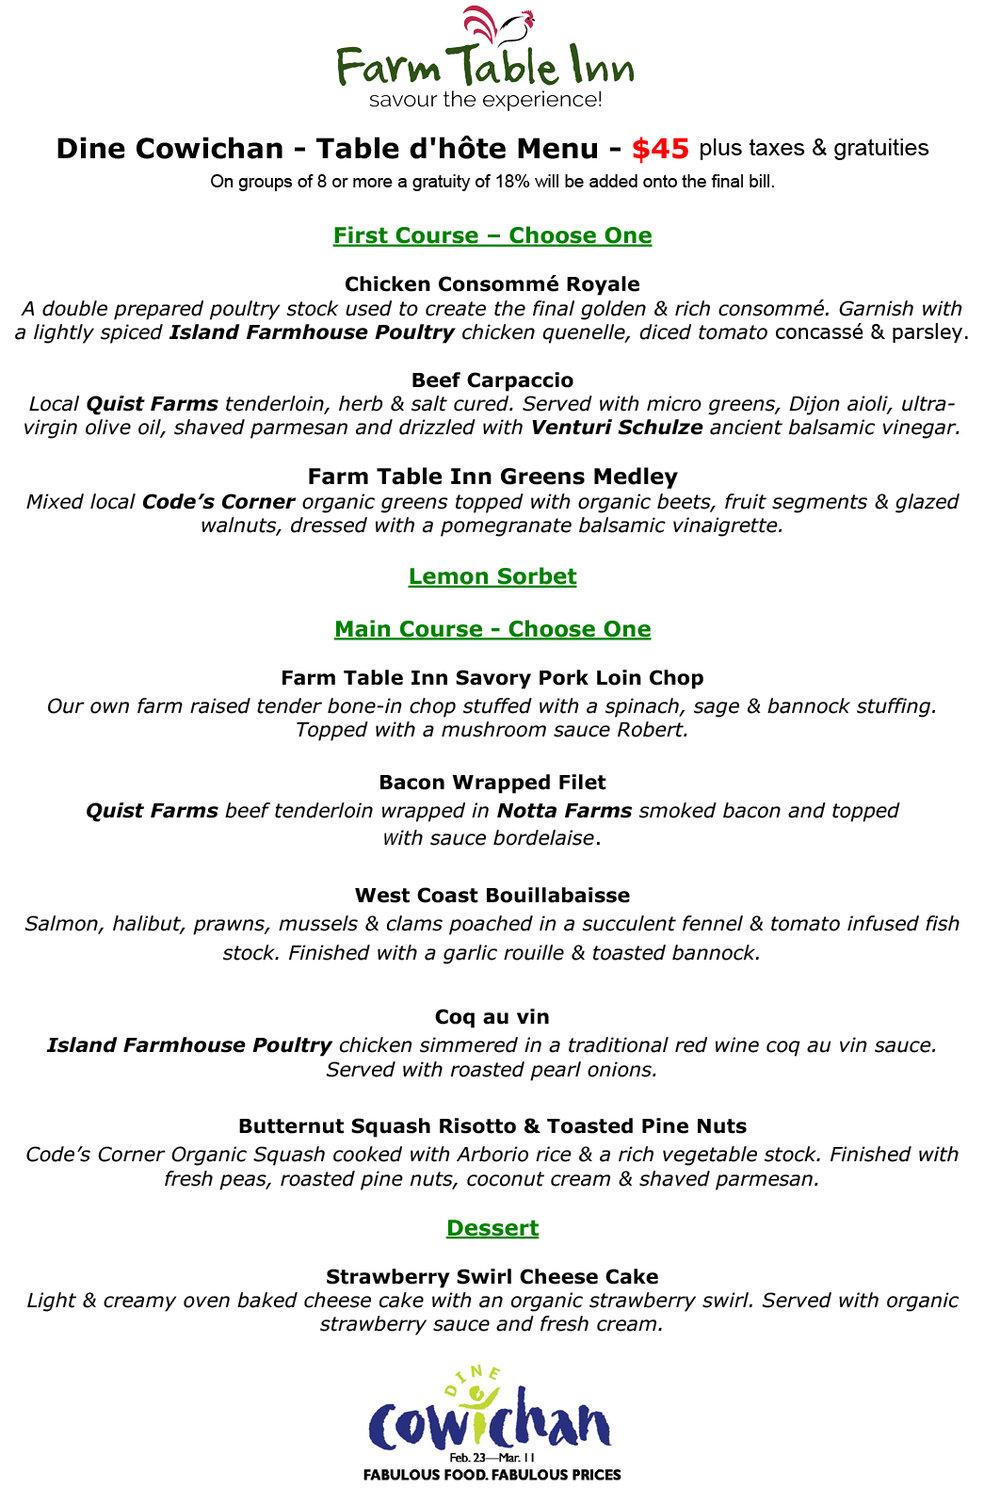 Farm Table Inn - Dine Cowichan Table d'hote 2018.jpg